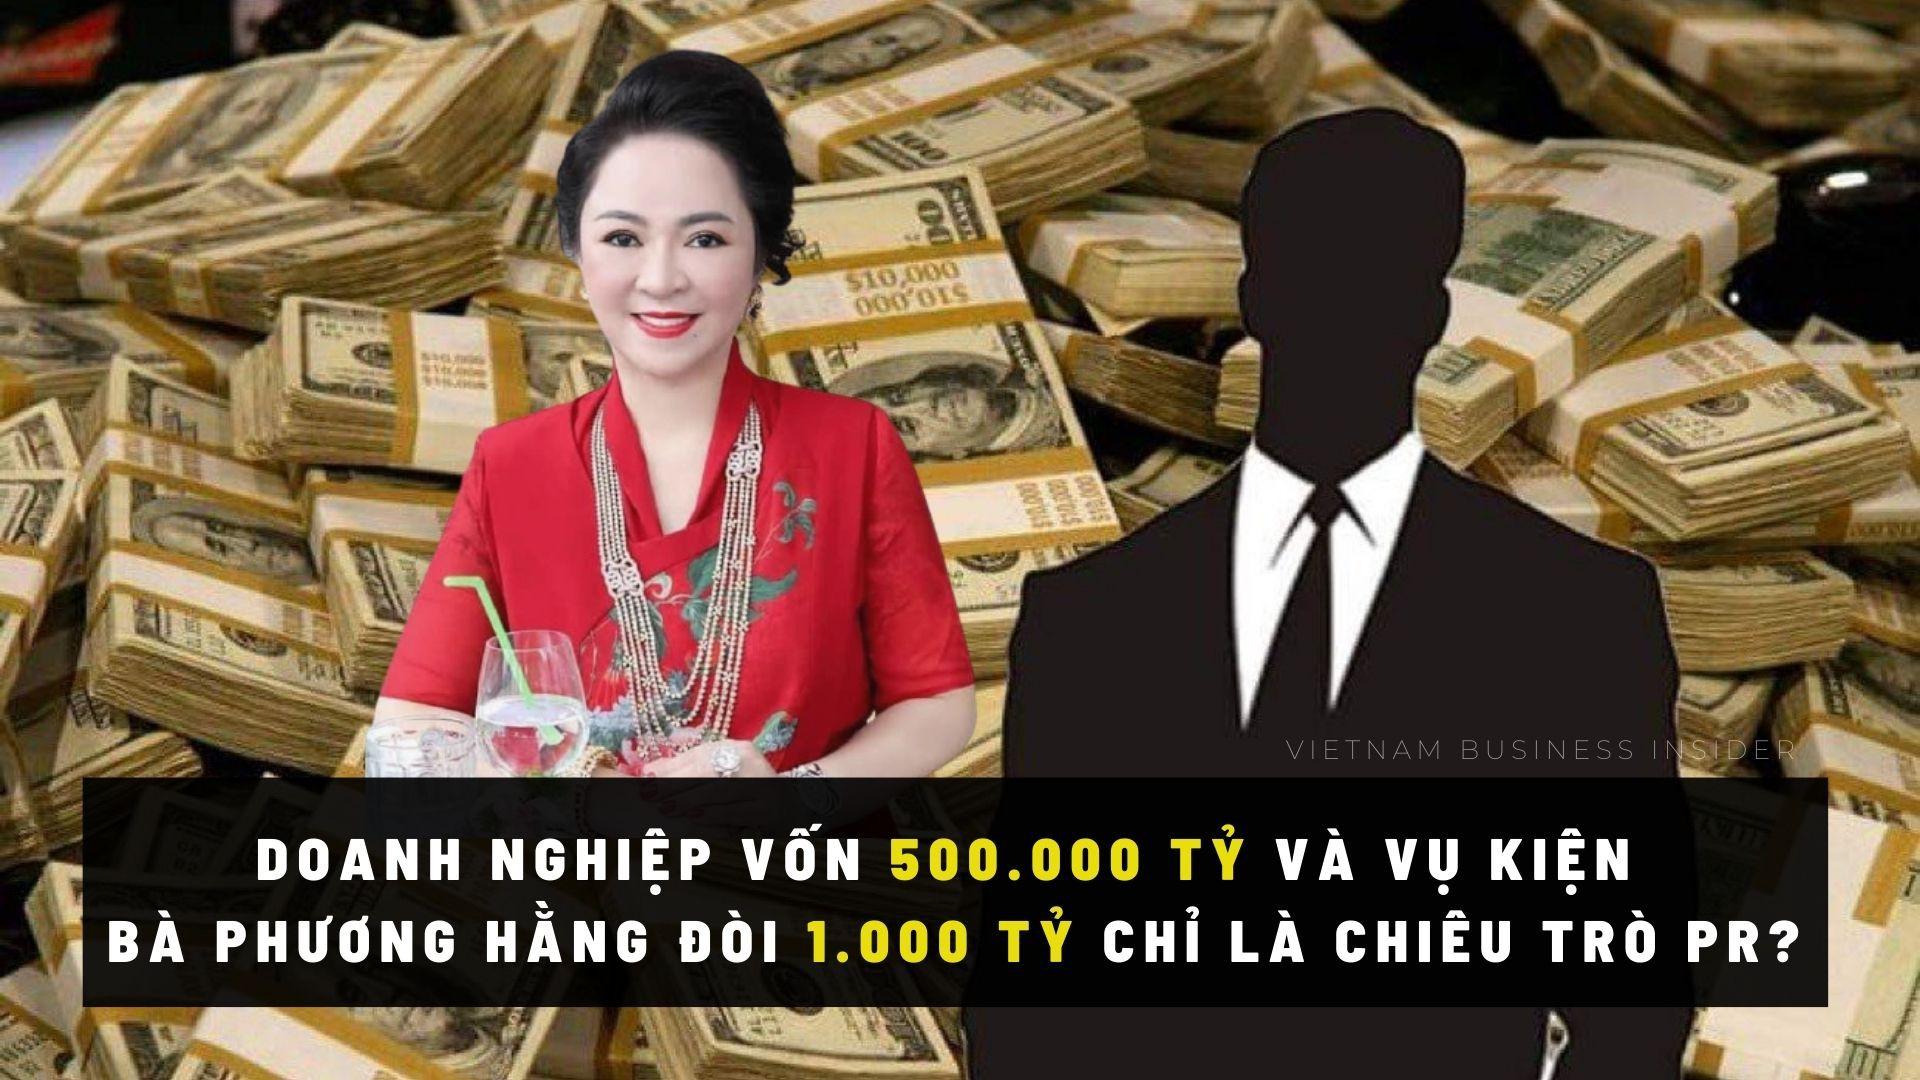 Vụ kiện 1.000 tỷ và Công ty 500.000 tỷ 1